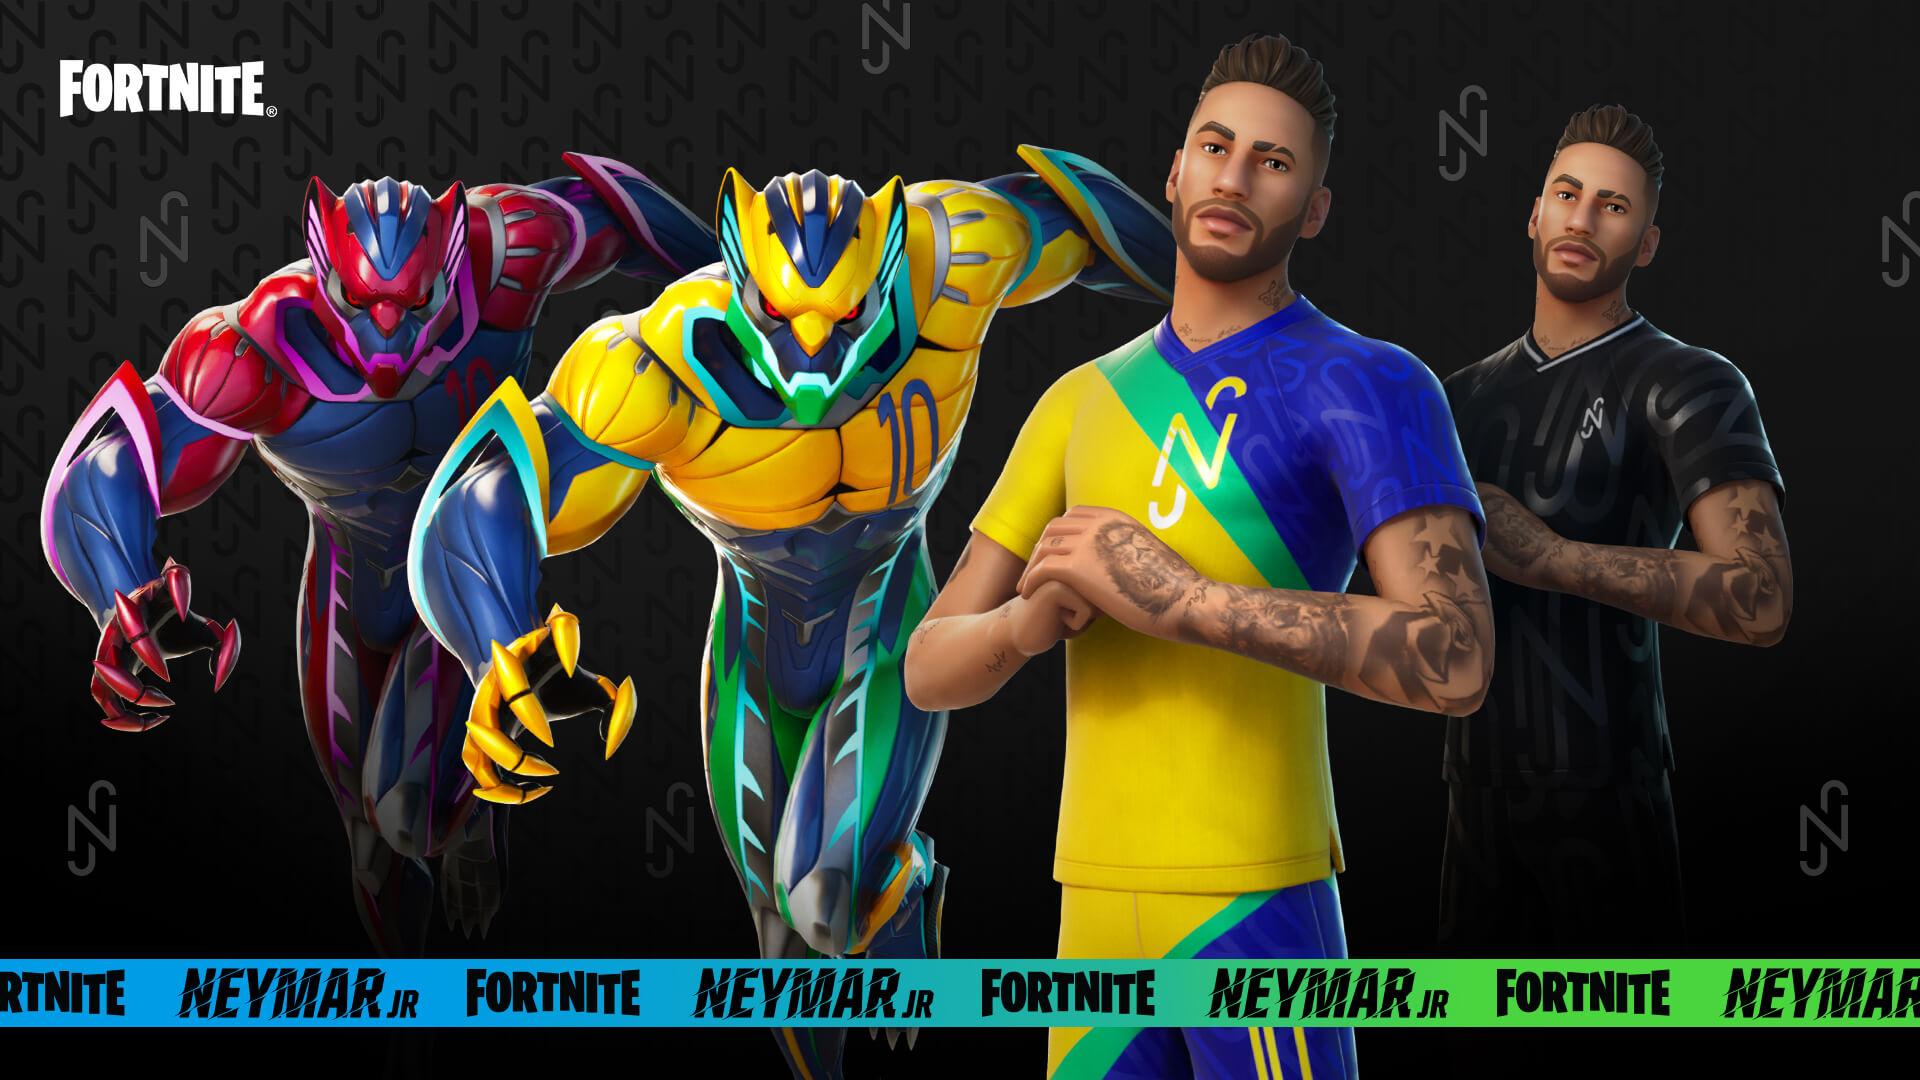 Neymar no fortnite: o jogador e suas skins